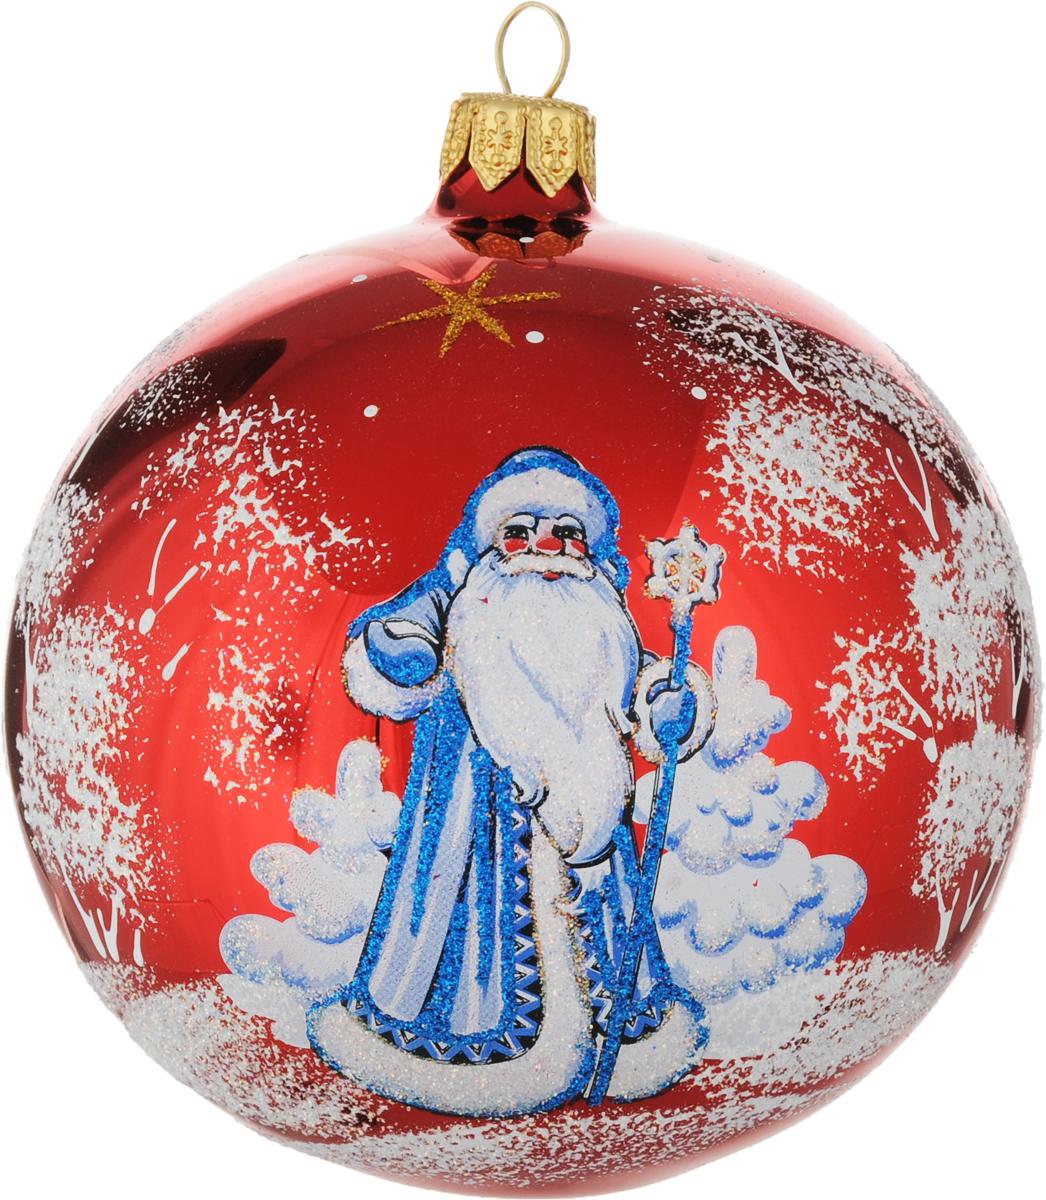 Новогоднее подвесное украшение Ёлочка Дед Мороз, цвет: красный, диаметр 9,5 см украшение подвесное weiste дед мороз цвет красный 3 шт